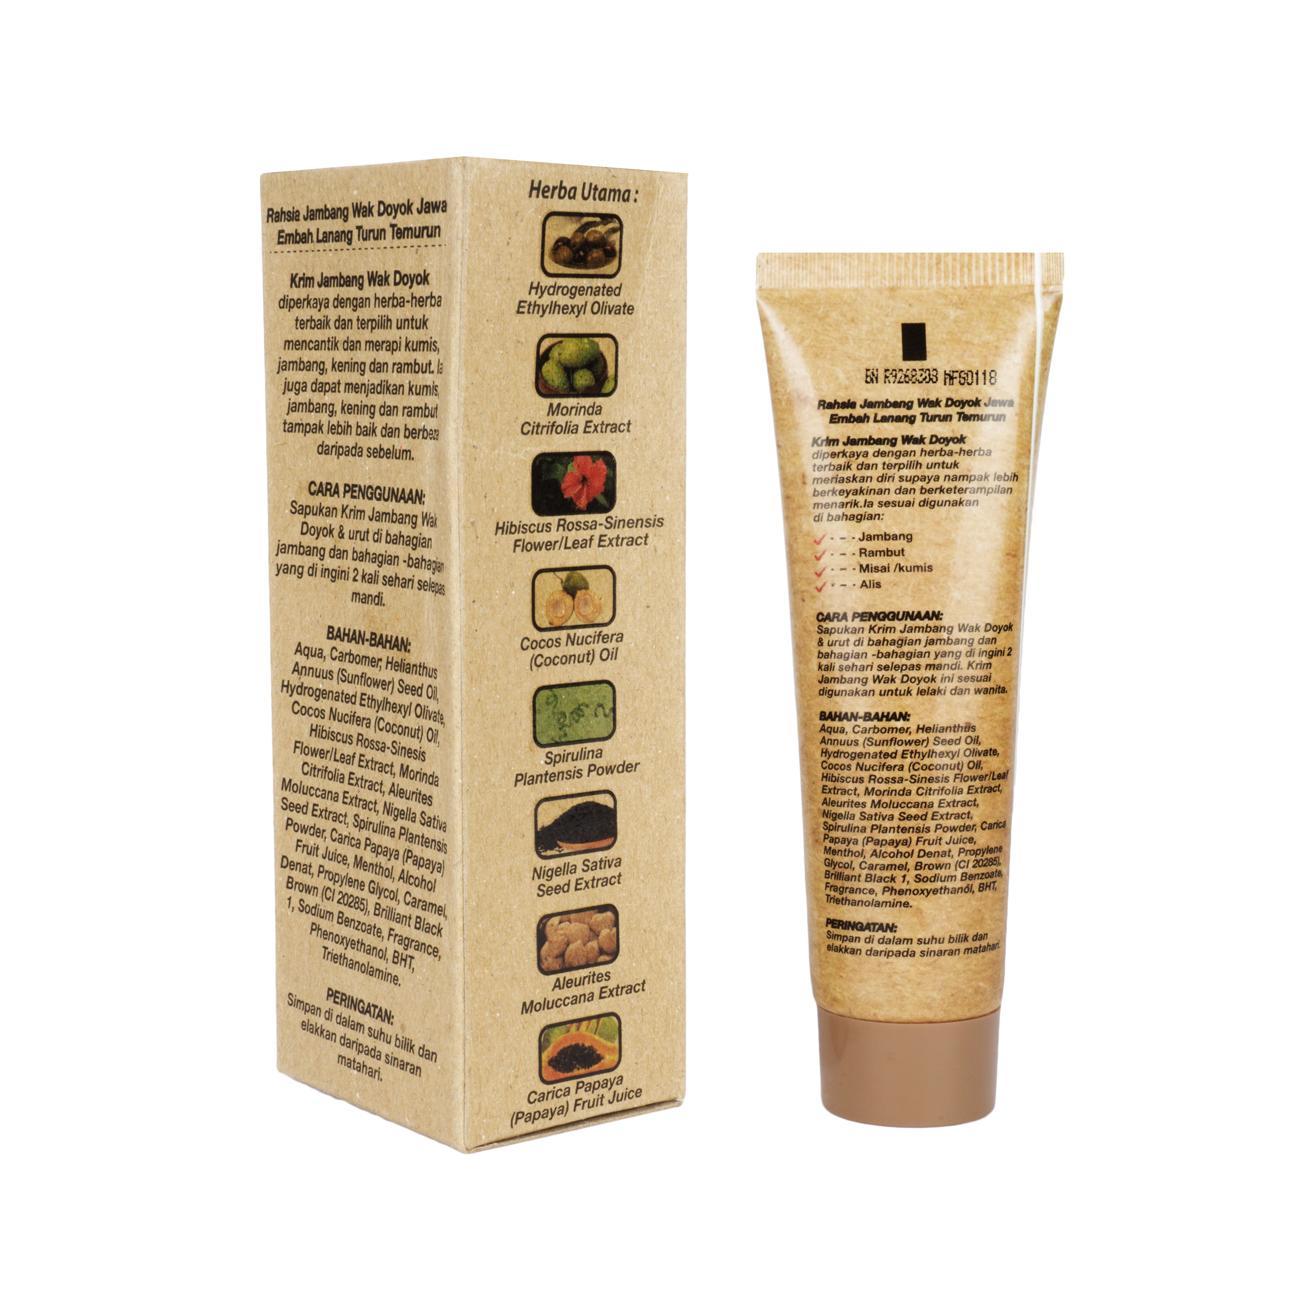 Wak Doyok Krim mempunyai banyak manfaat, aman untuk segala jenis kulit, tidak menimbulkan efek samping pada kulit, dan juga bisa dikonsumsi oleh pria dan ...